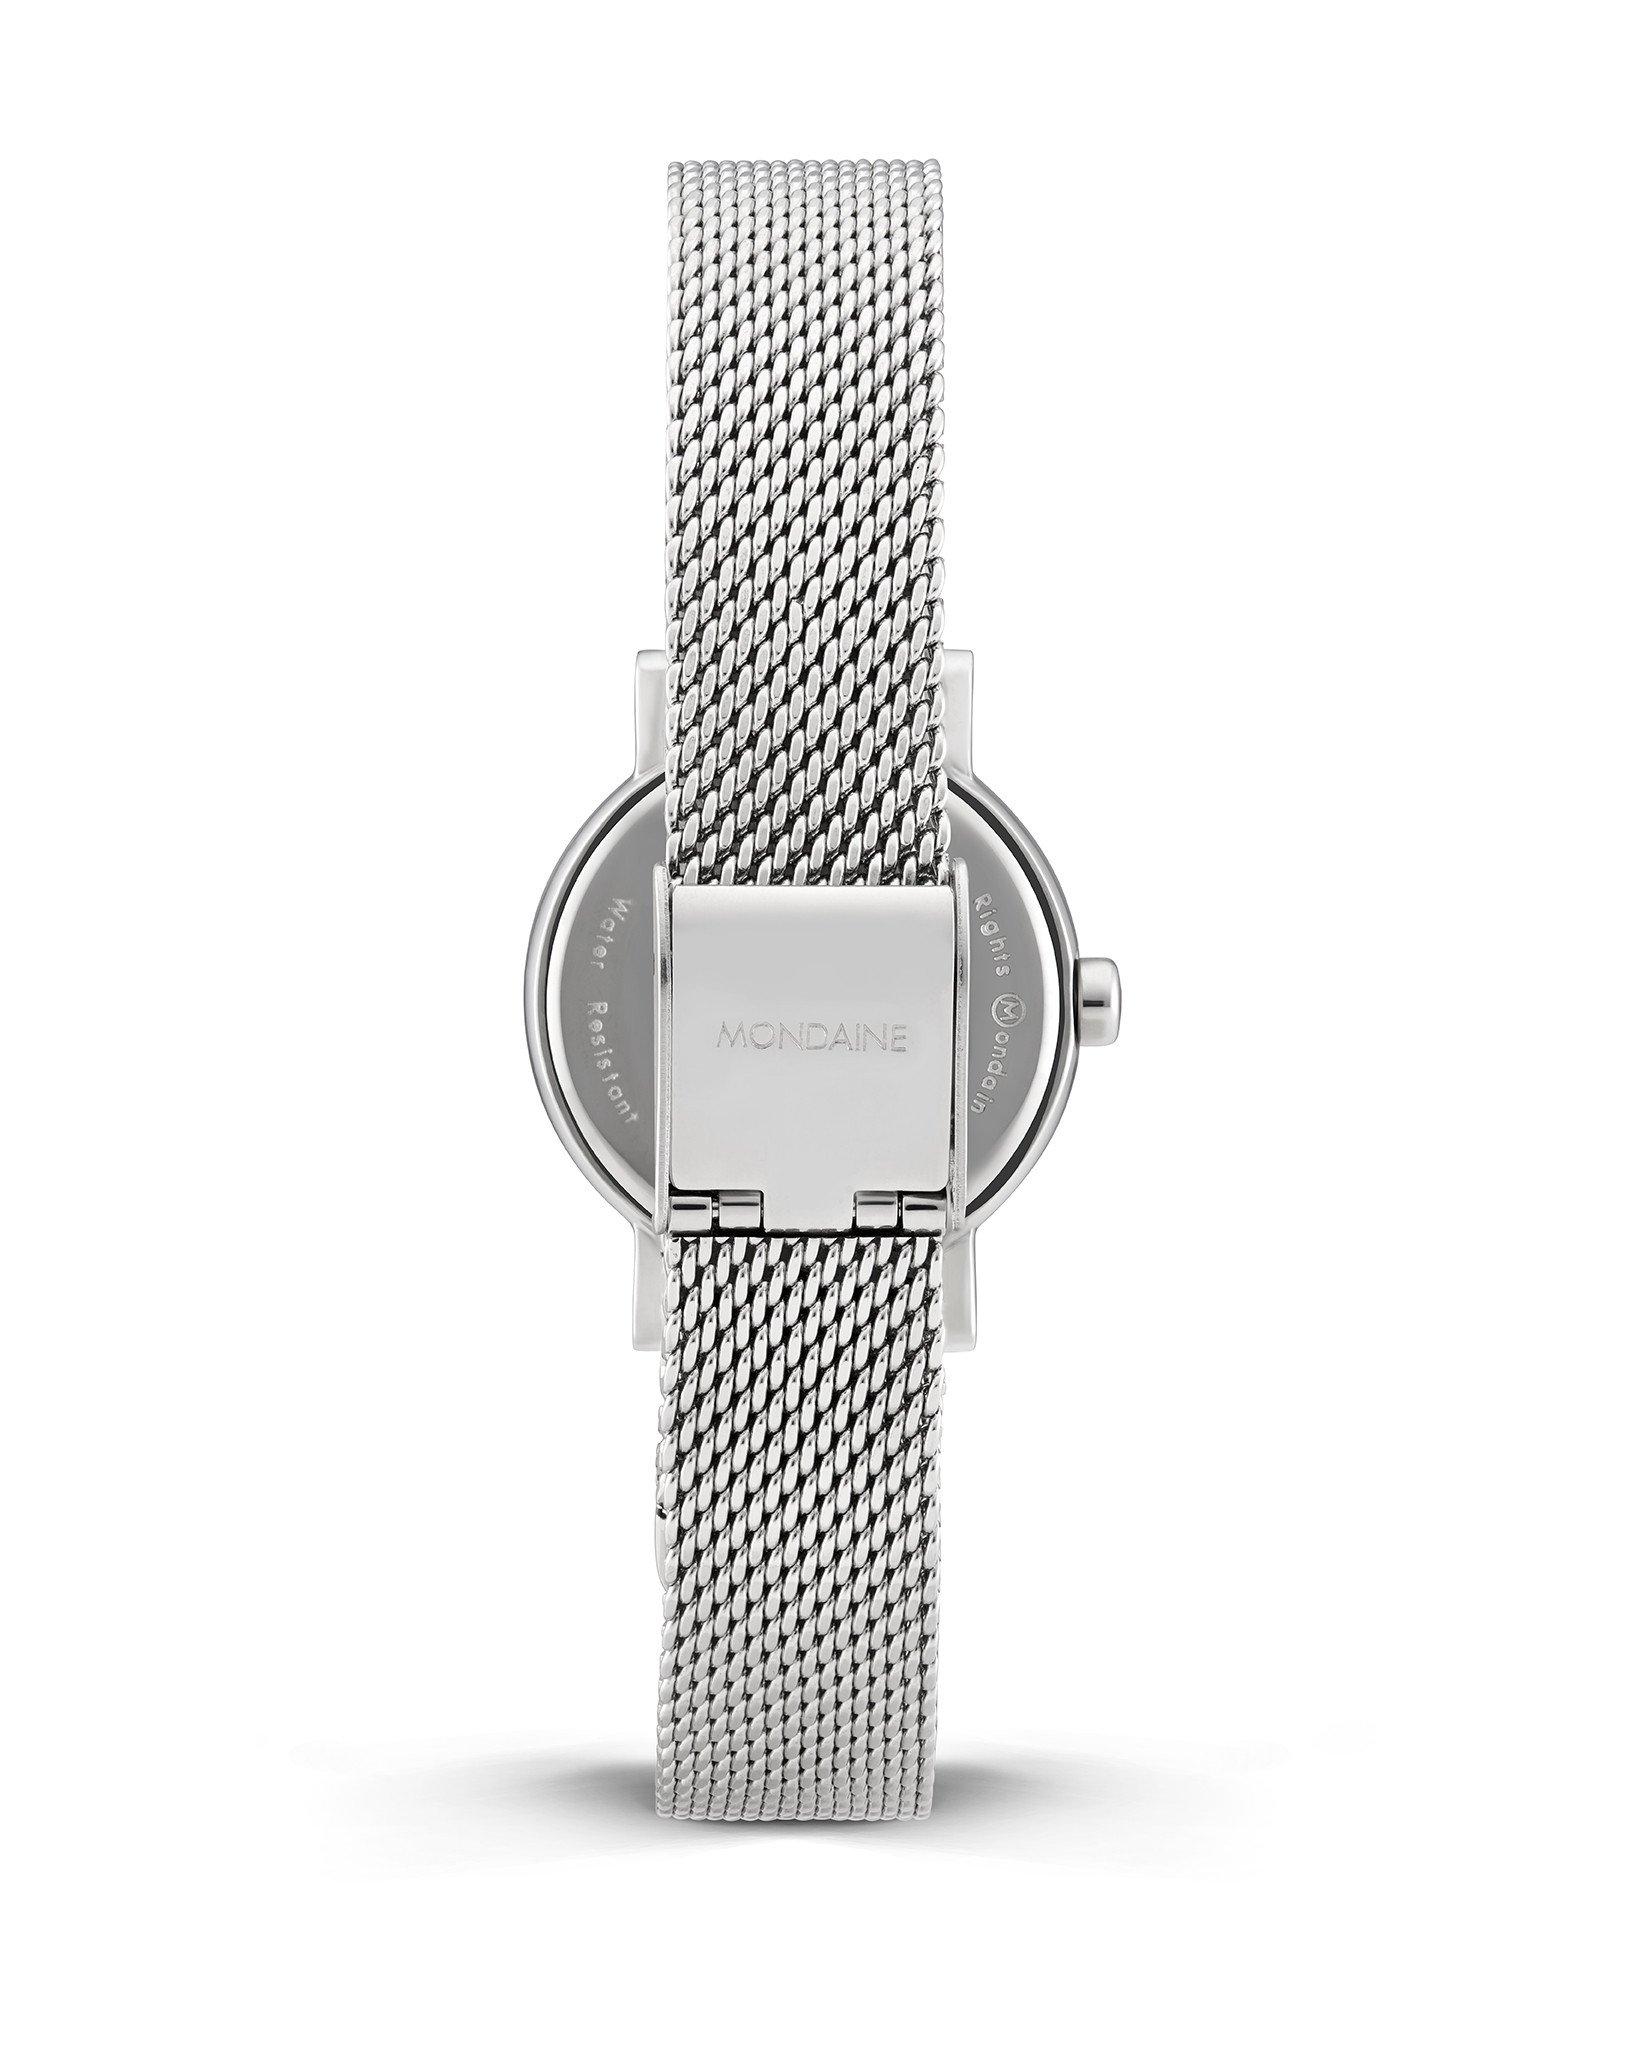 Mondaine Strap Metal 12mm Watch Straps Mondaine